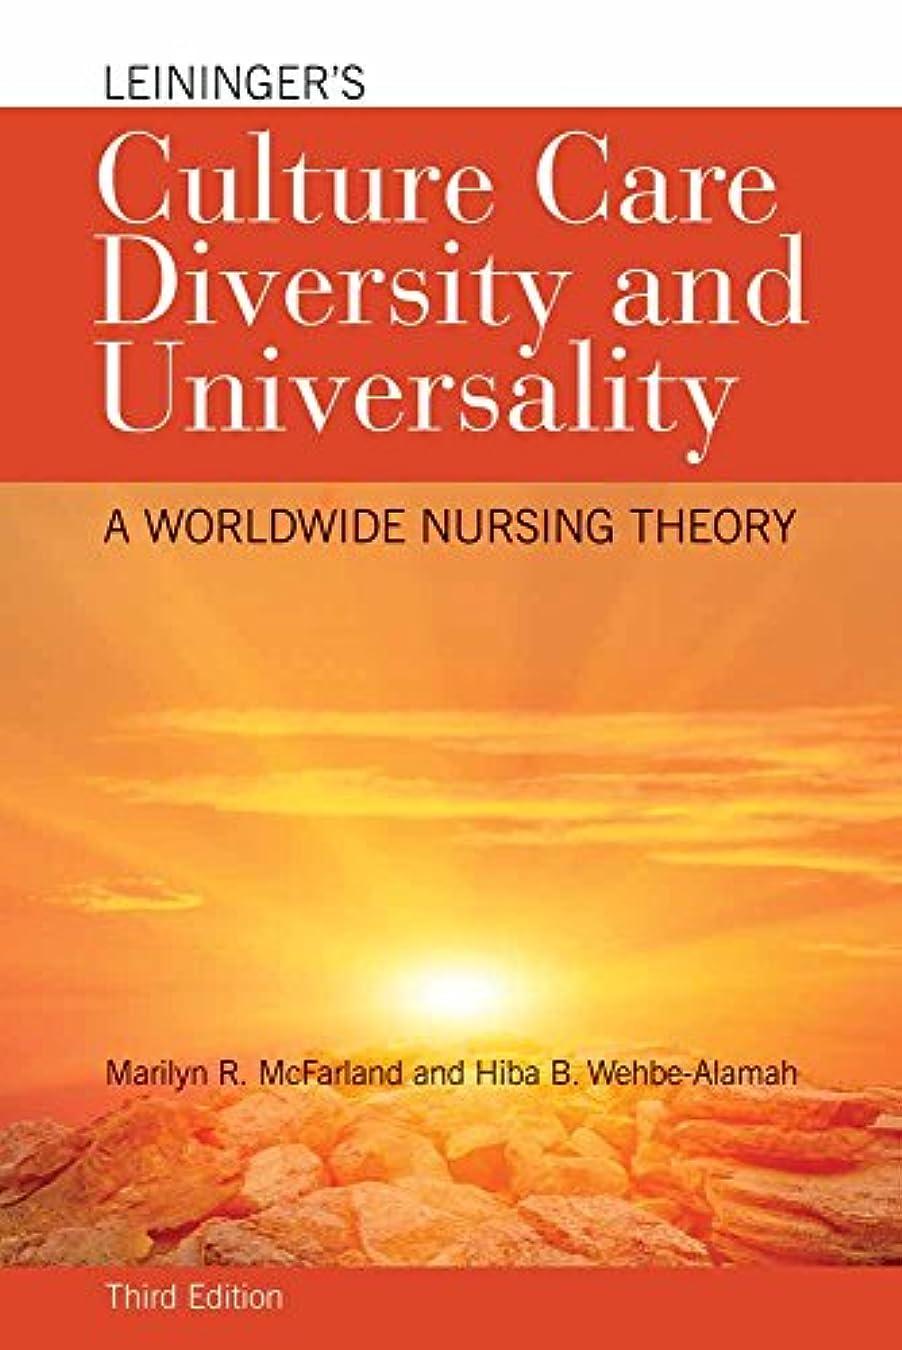 グラマー試す三十Leininger's Culture Care Diversity and Universality: A Worldwide Nursing Theory